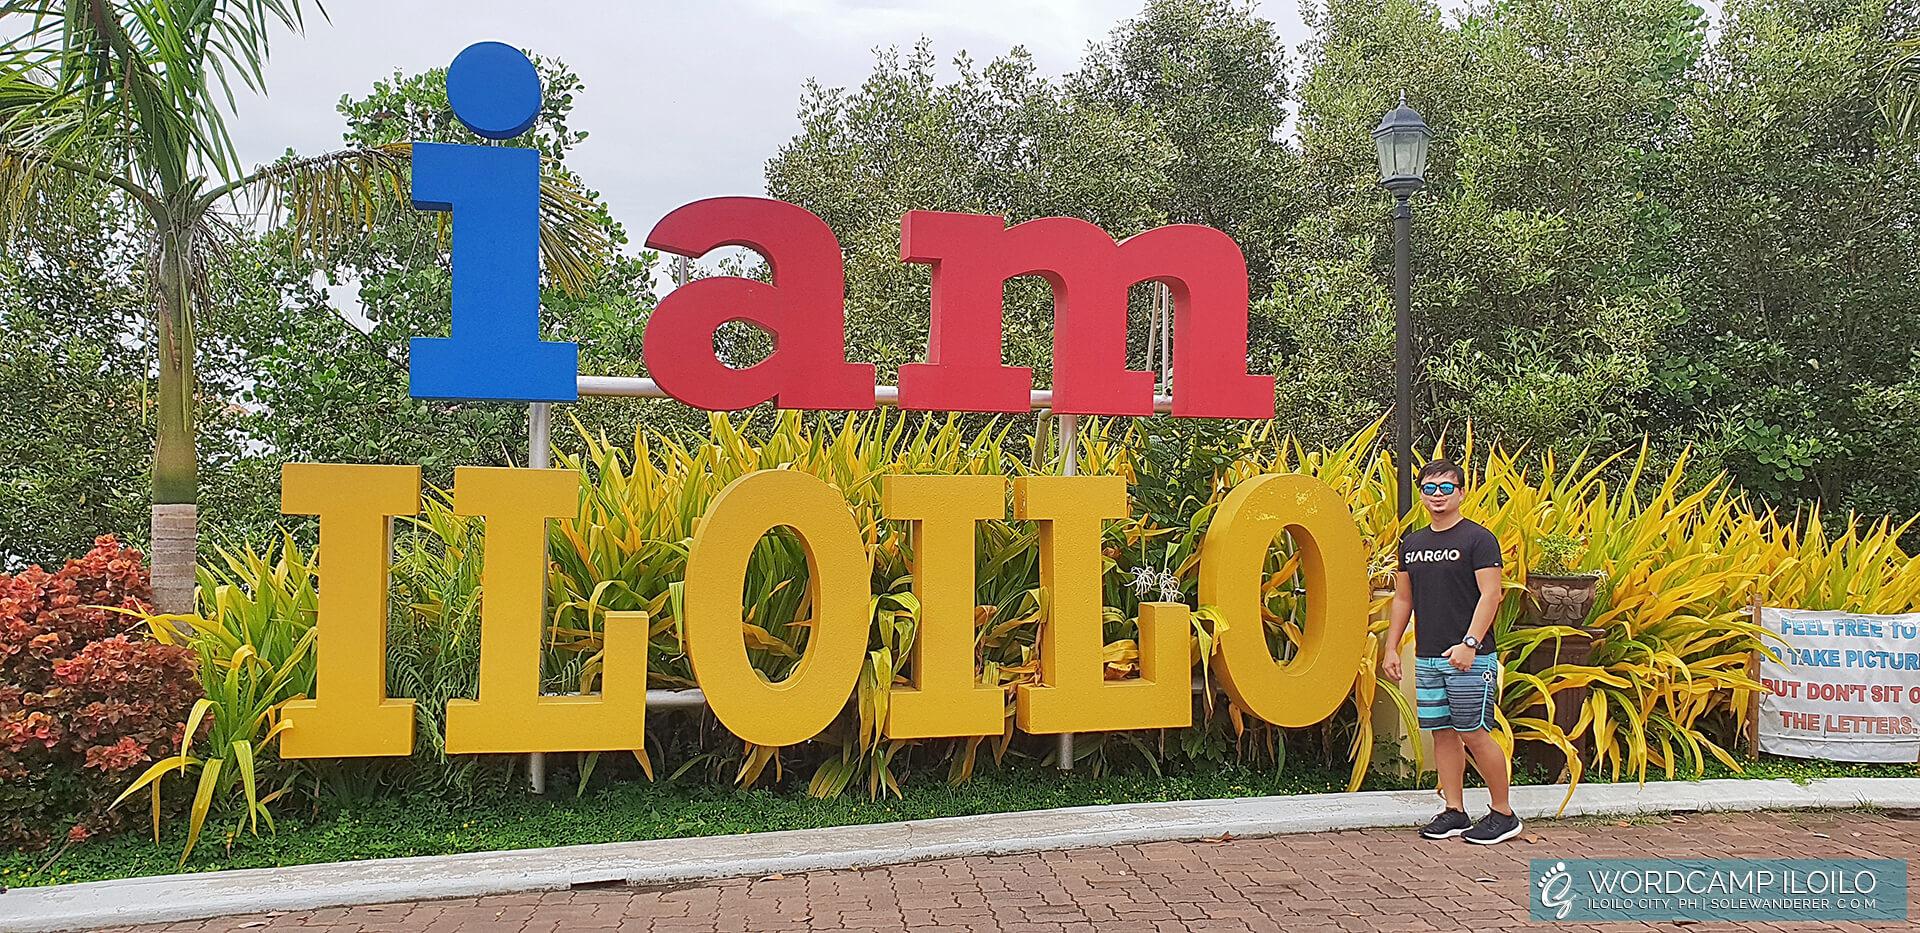 River Esplanade WordCamp Iloilo 2018